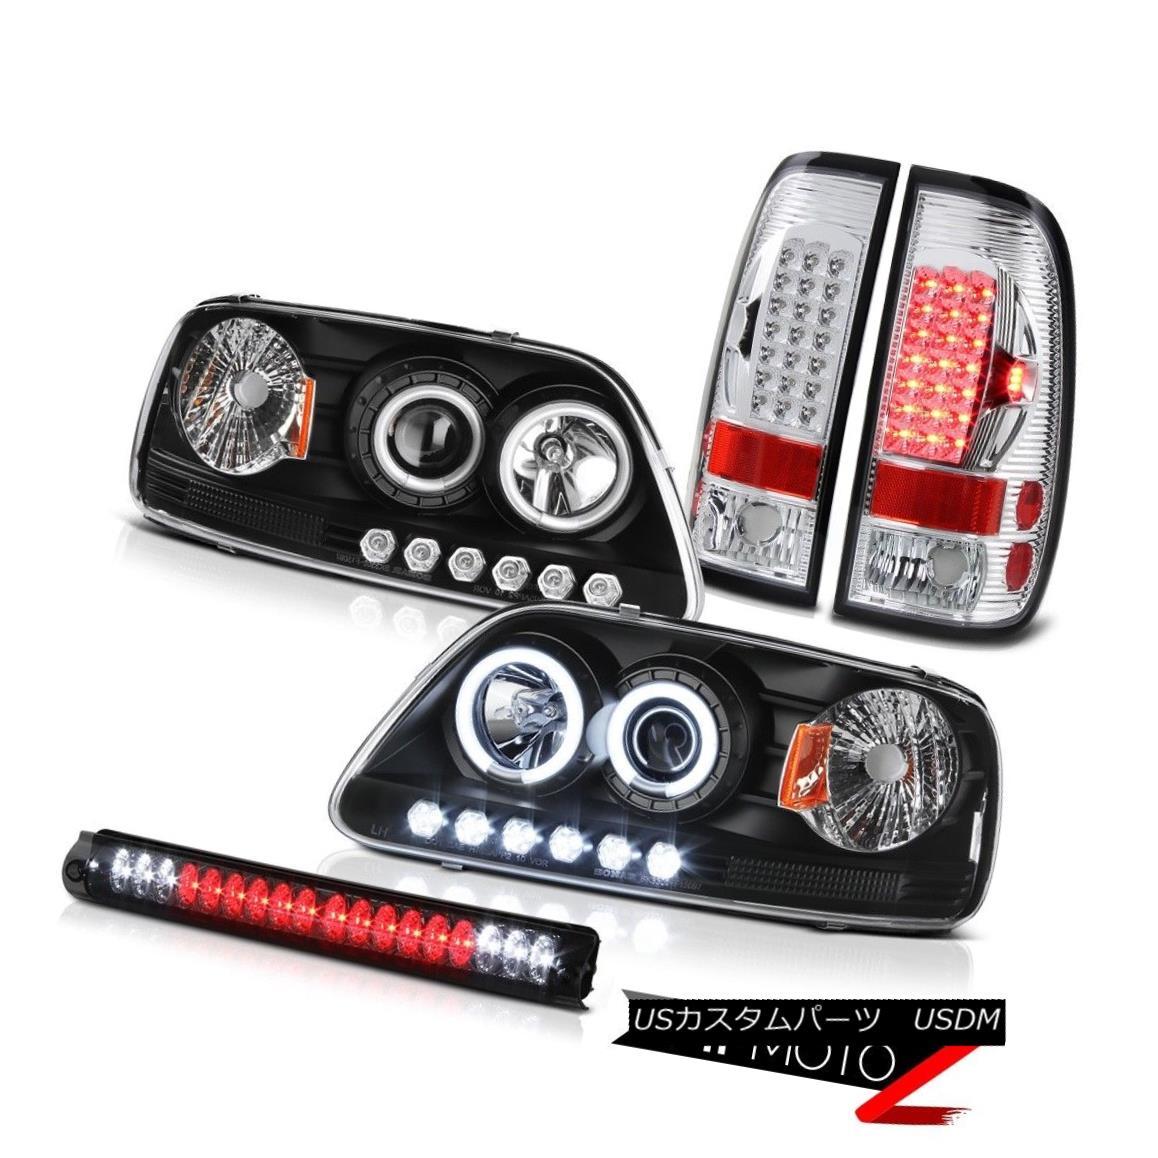 テールライト CCFL Black Headlight 2001 2002 2003 F150 Bright LED Tail Lights Third Brake Lamp CCFLブラックヘッドライト2001 2002 2003 F150ブライトLEDテールライト第3ブレーキランプ